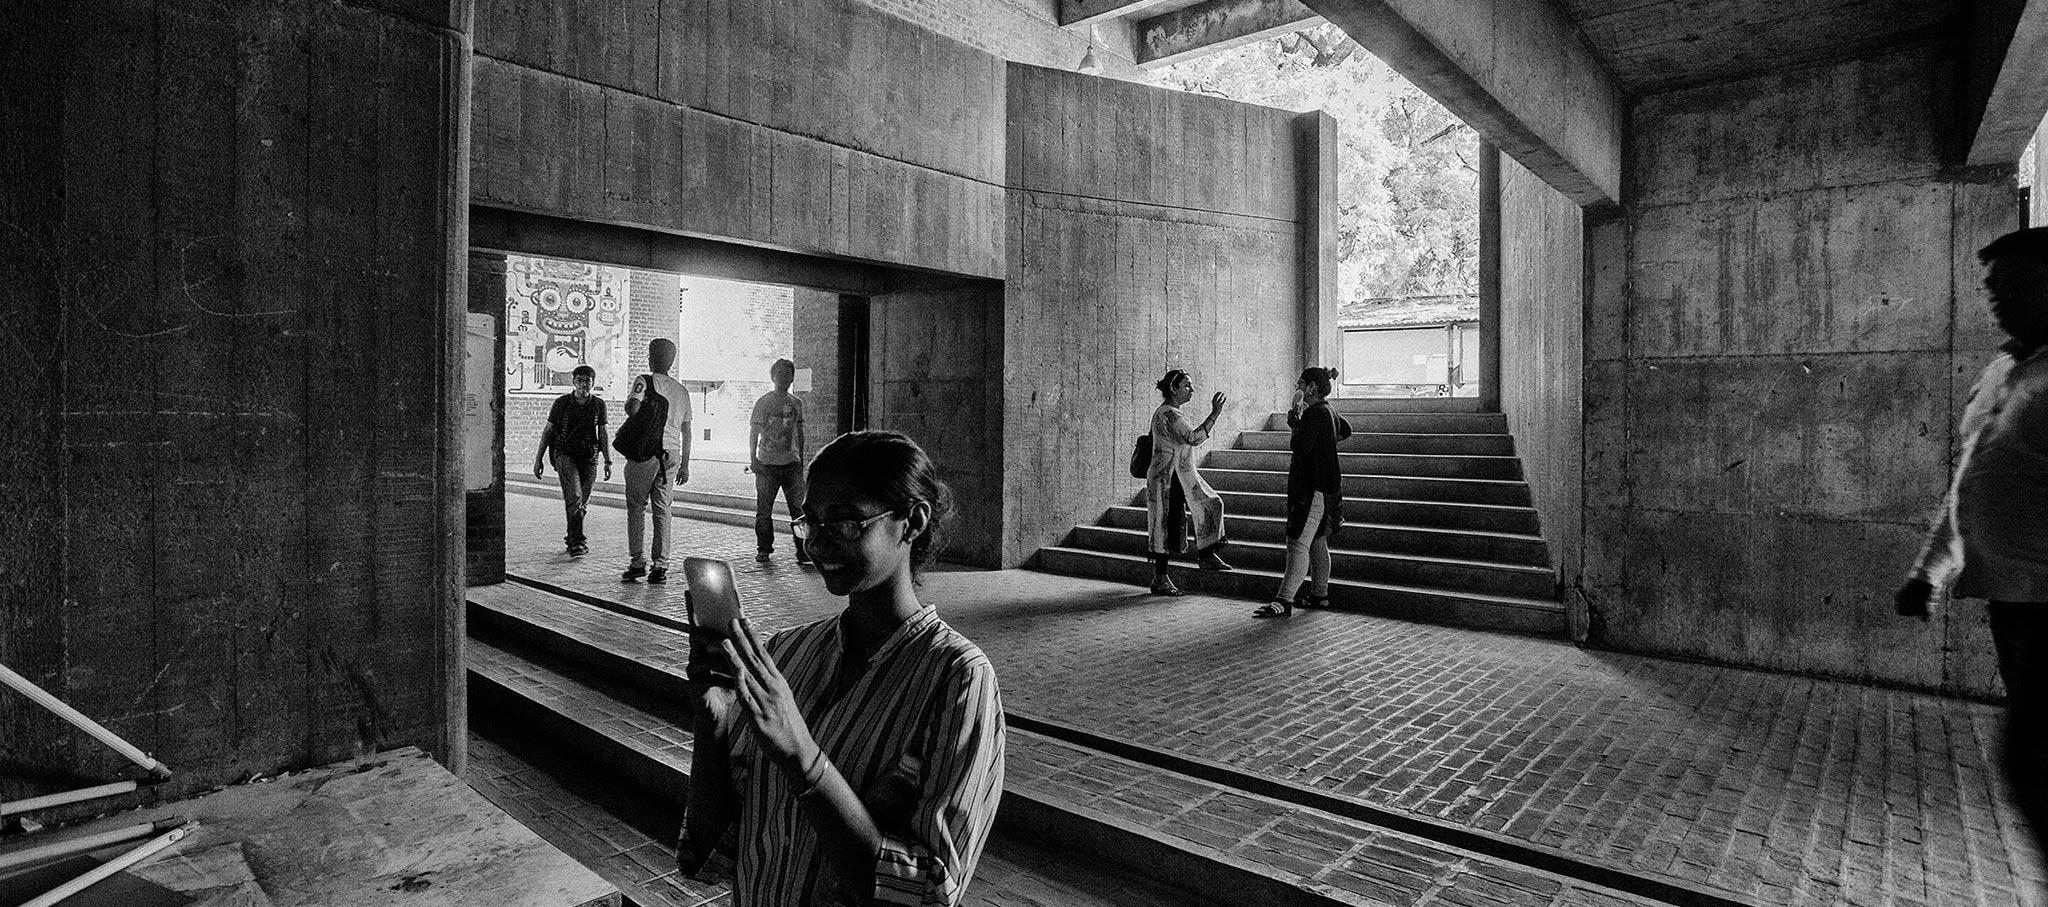 Centro de Planificación y Tecnología Ambiental. Imagen cortesía de VSF / Premio Pritzker de Arquitectura